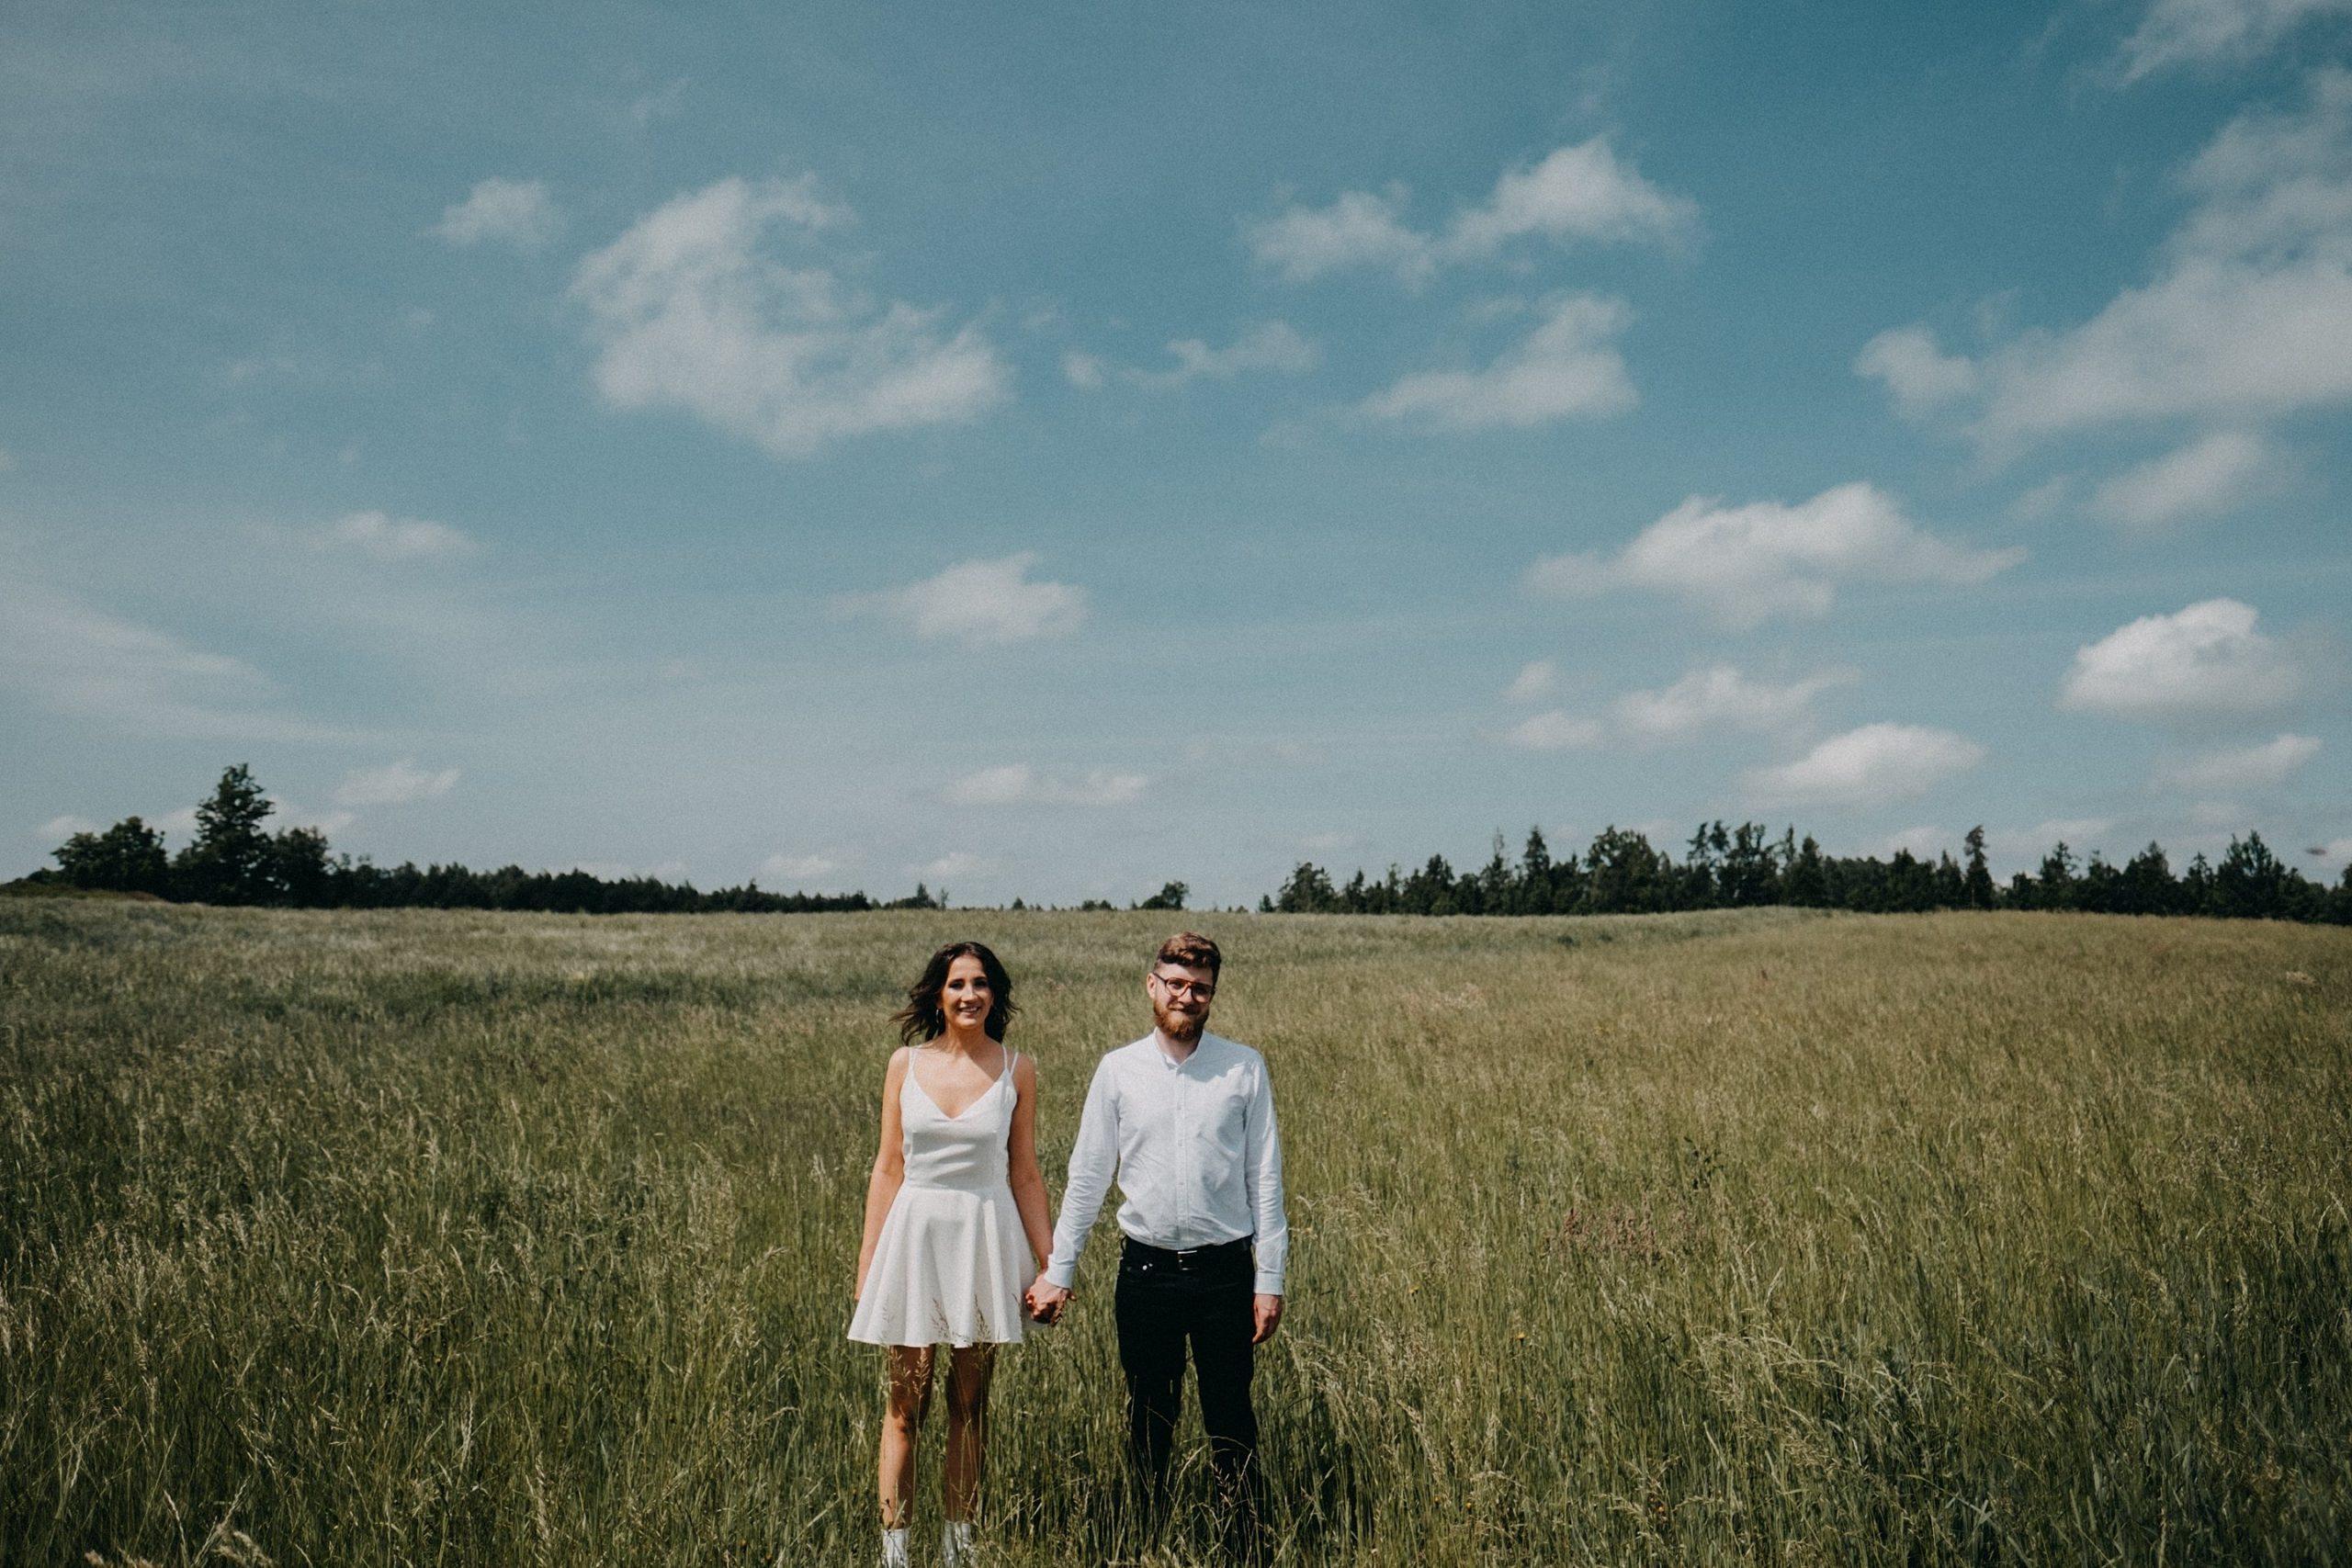 vestuvės jaunieji pieva rustic trumpa suknelė vintage kostiumas Vilnius fotografas fotosesija gražiausia geriausias dangus debesys balti